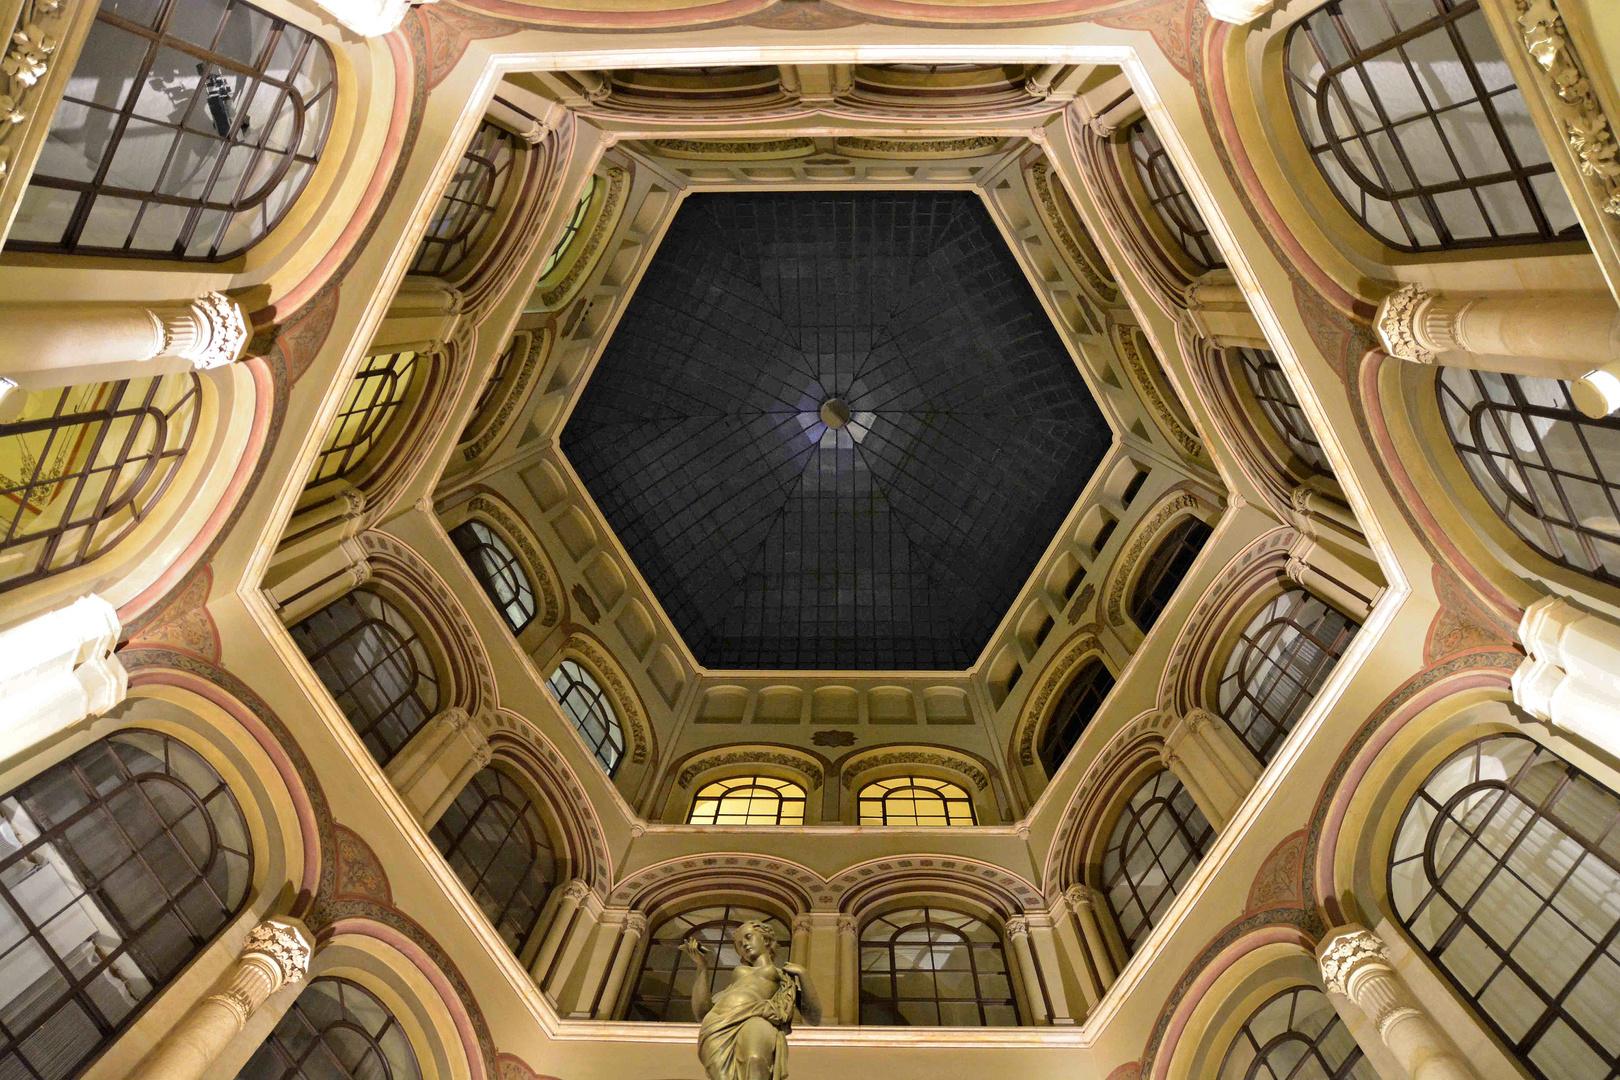 Wien bei Nacht - überdachter Innenhof im Palais Ferstel